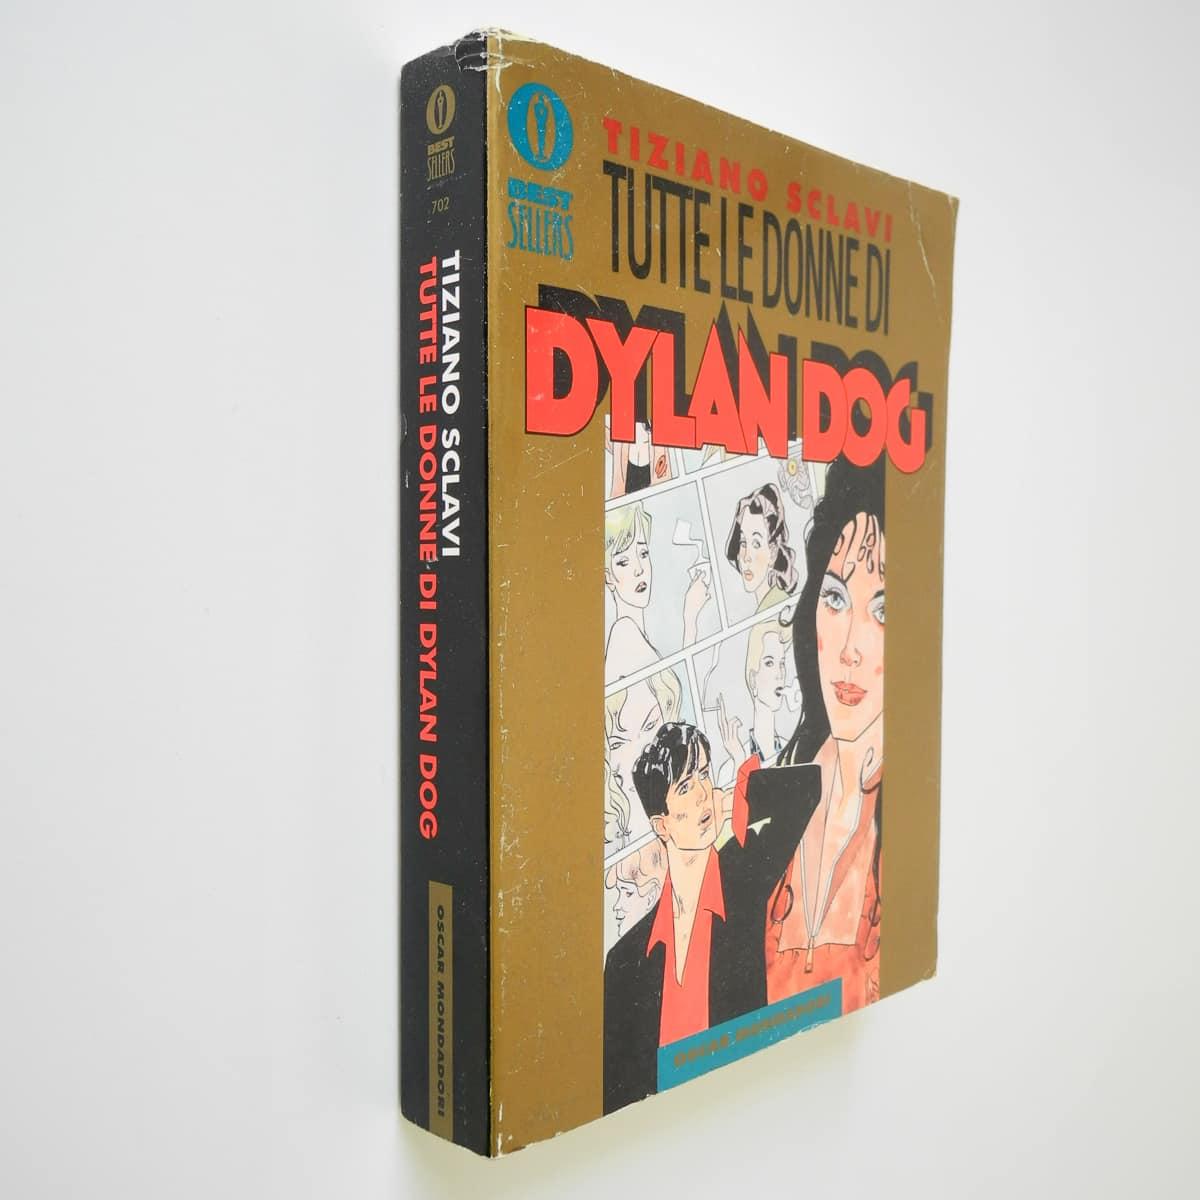 Dylan Dog Tutte le Donne (2) Mondadori